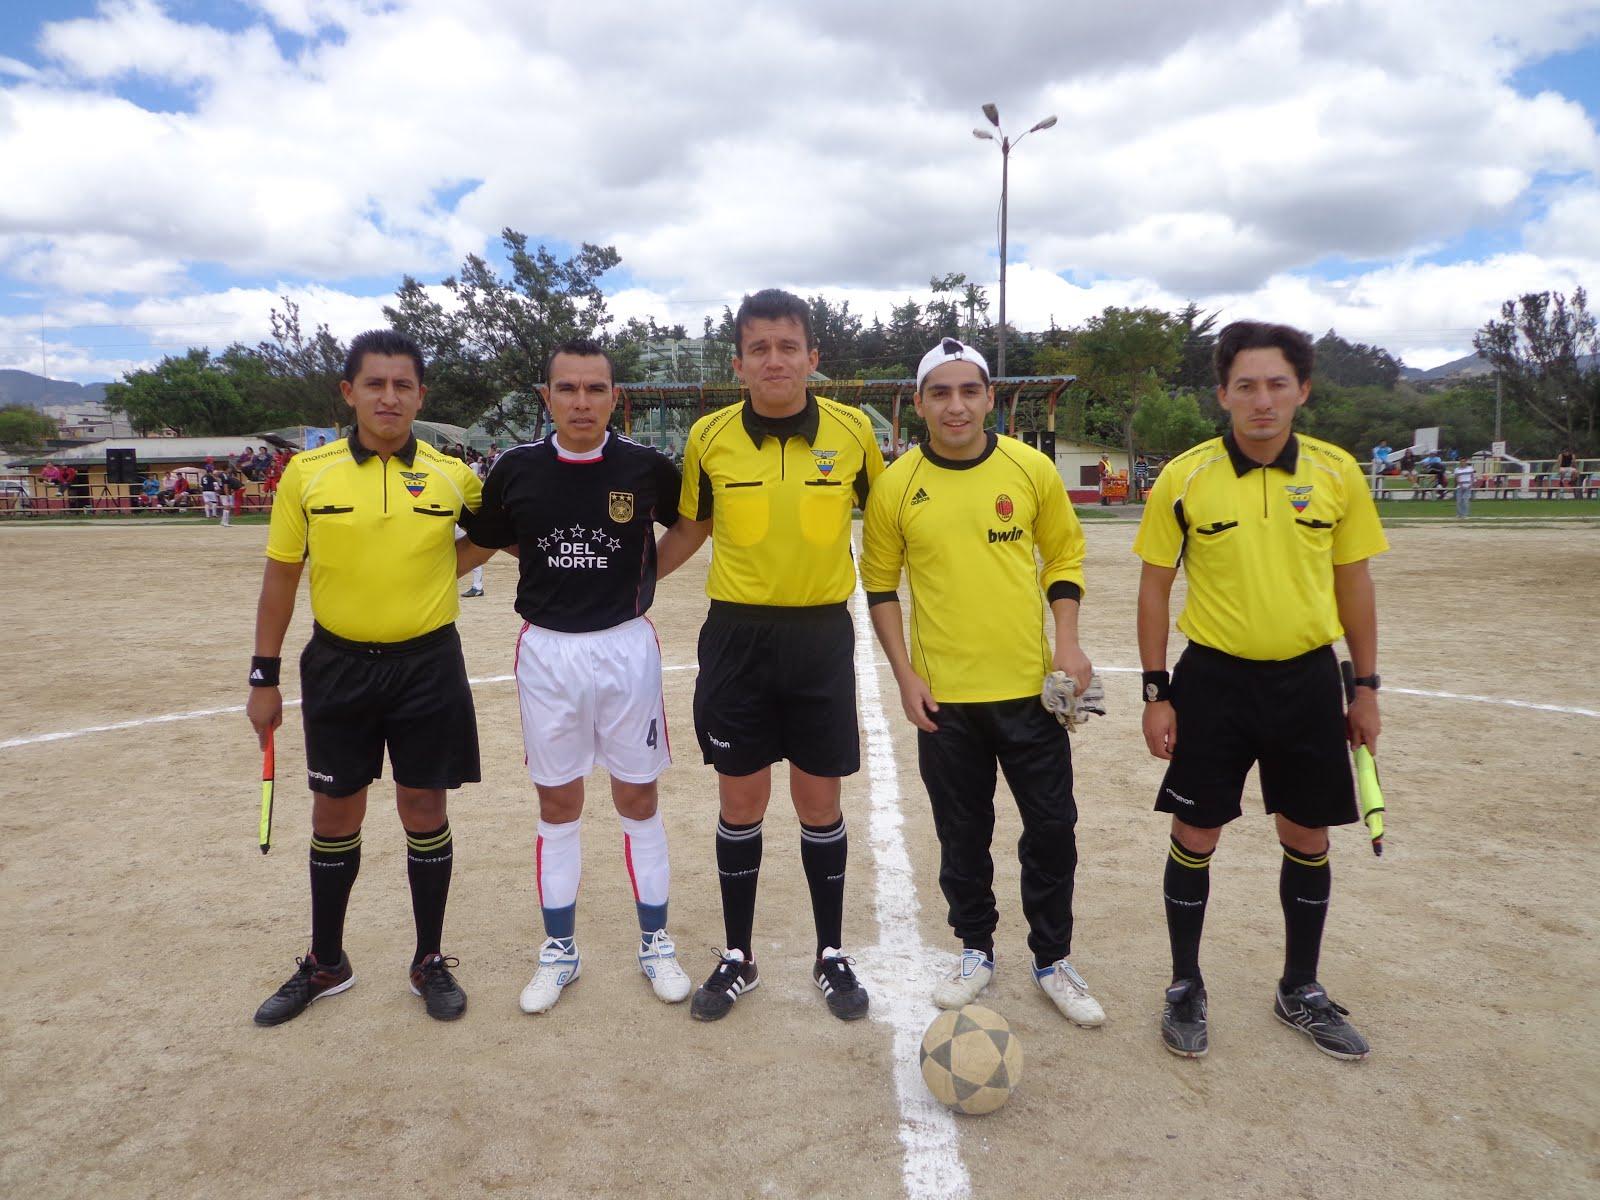 Imagenes De Arbitros De Futbol - Consejos para una buena imagen del árbitro de fútbol